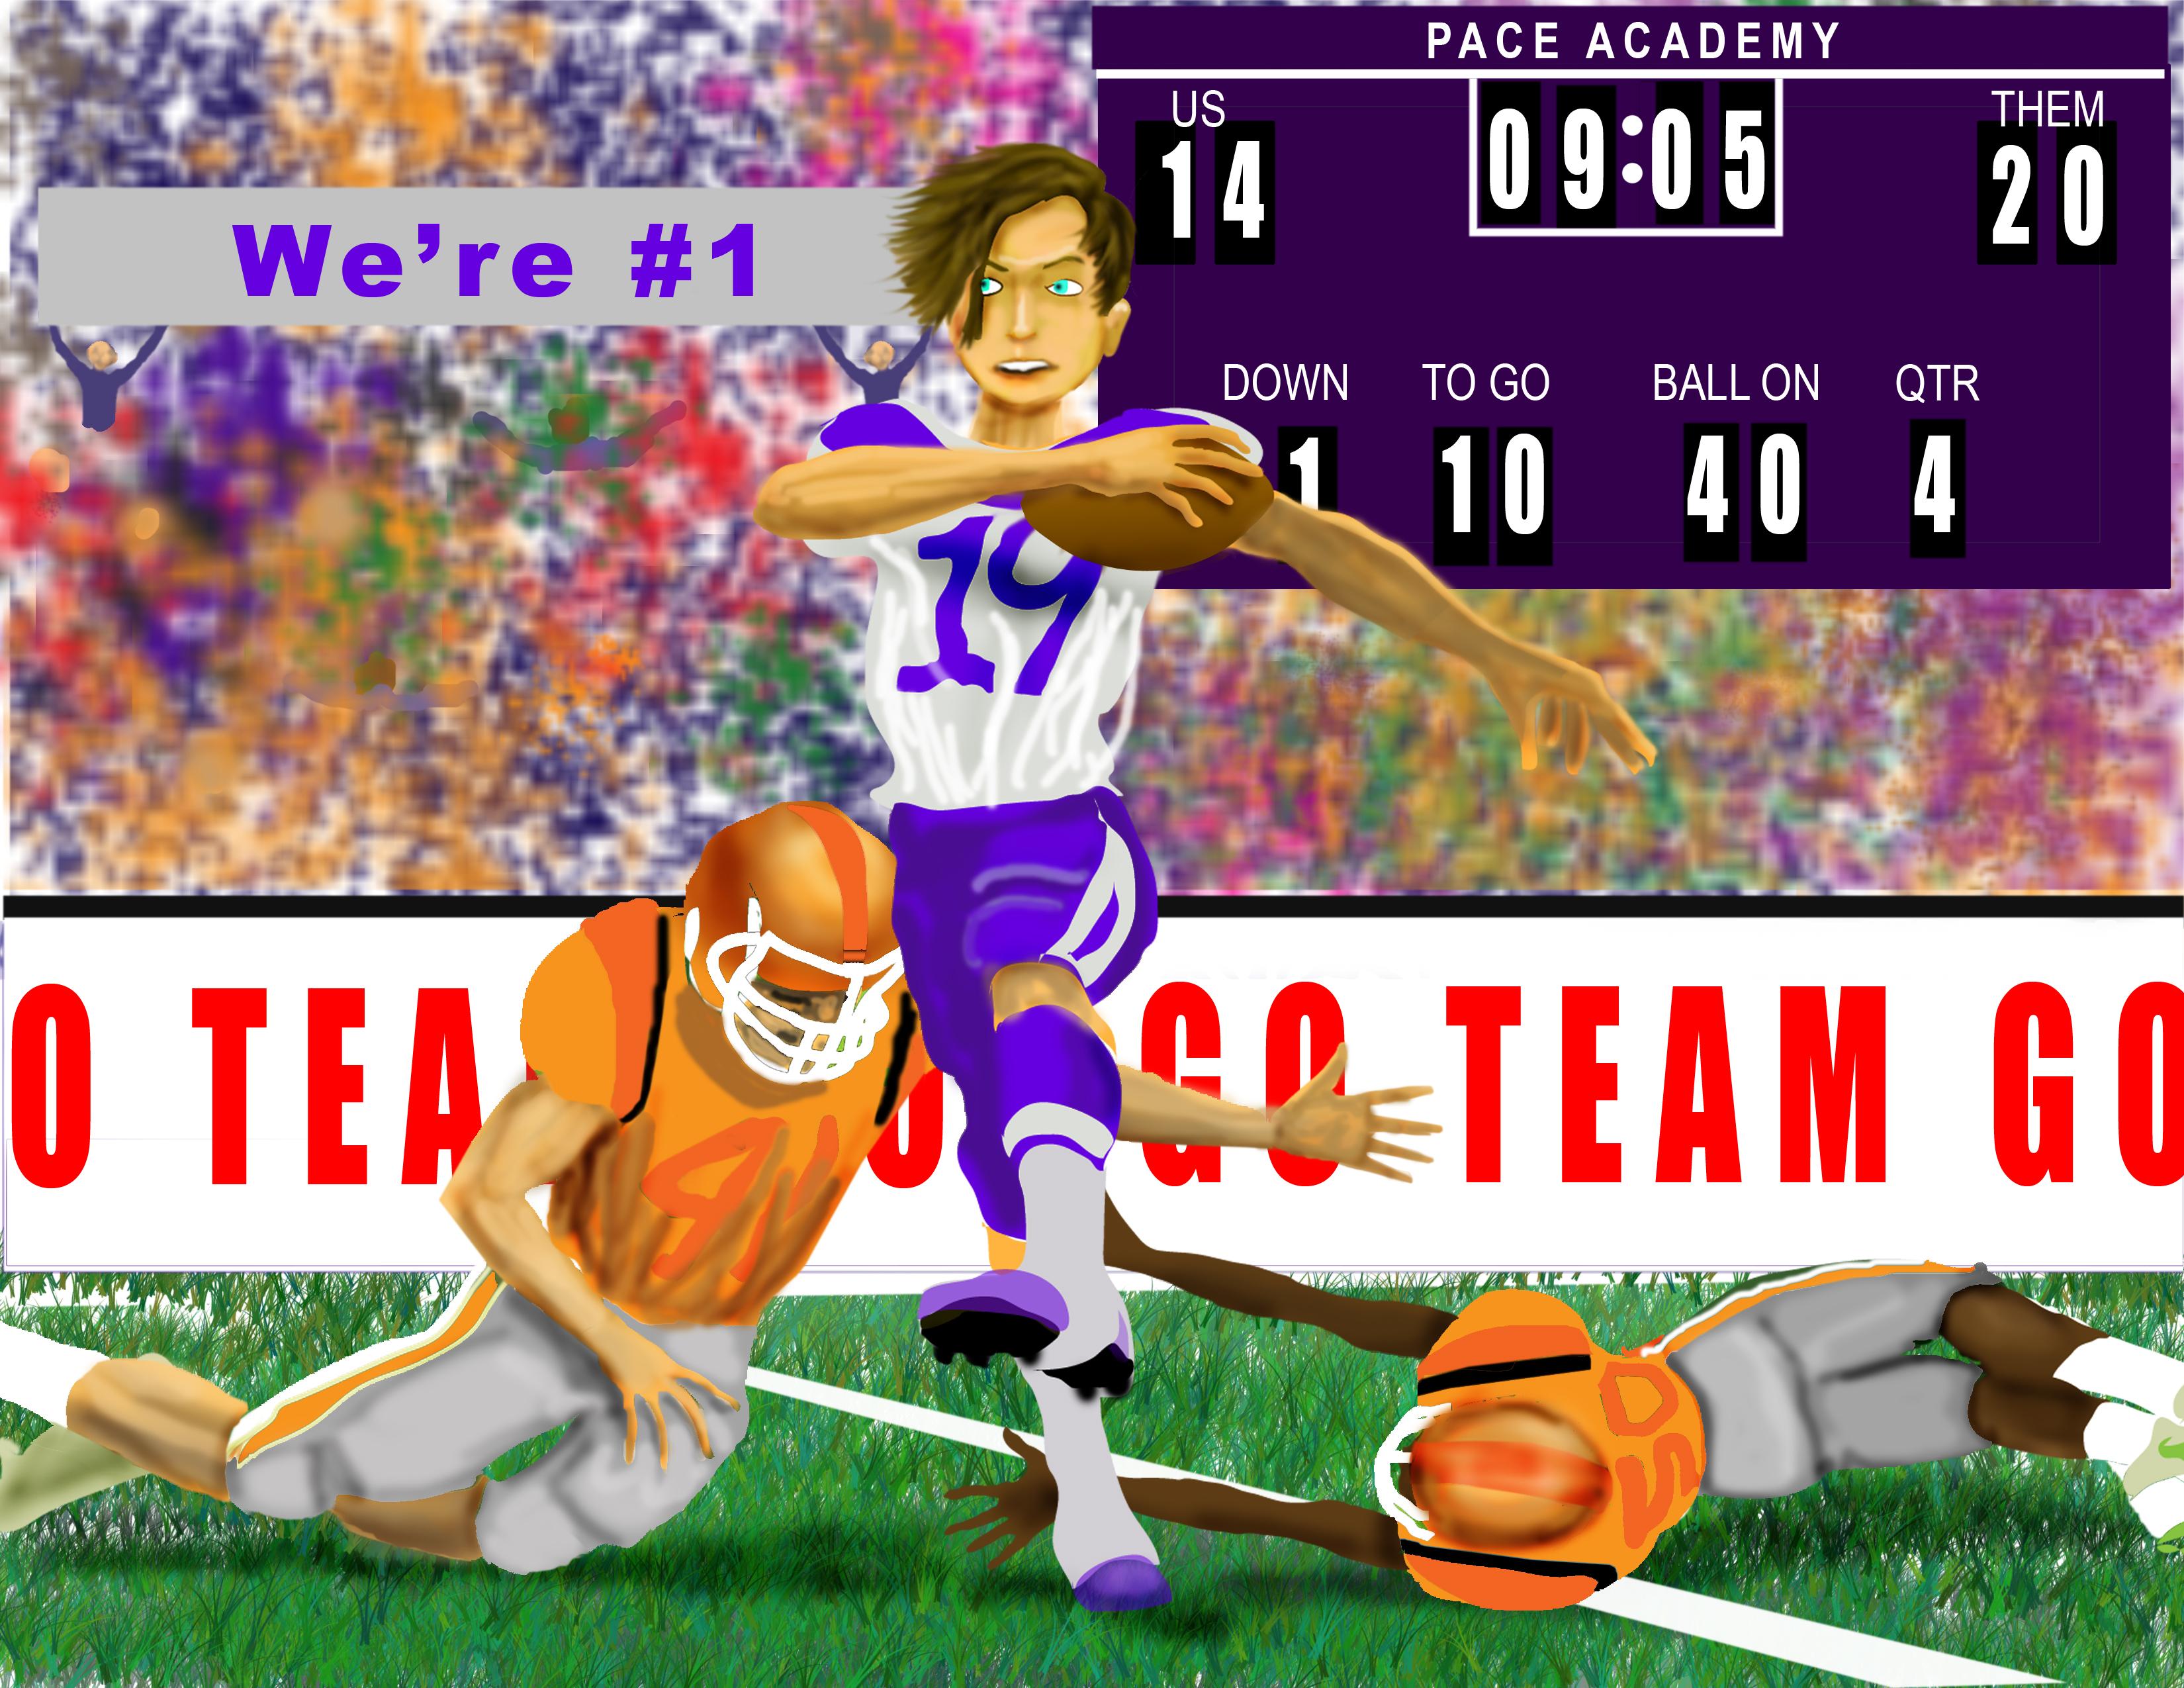 image10footballscene.jpg